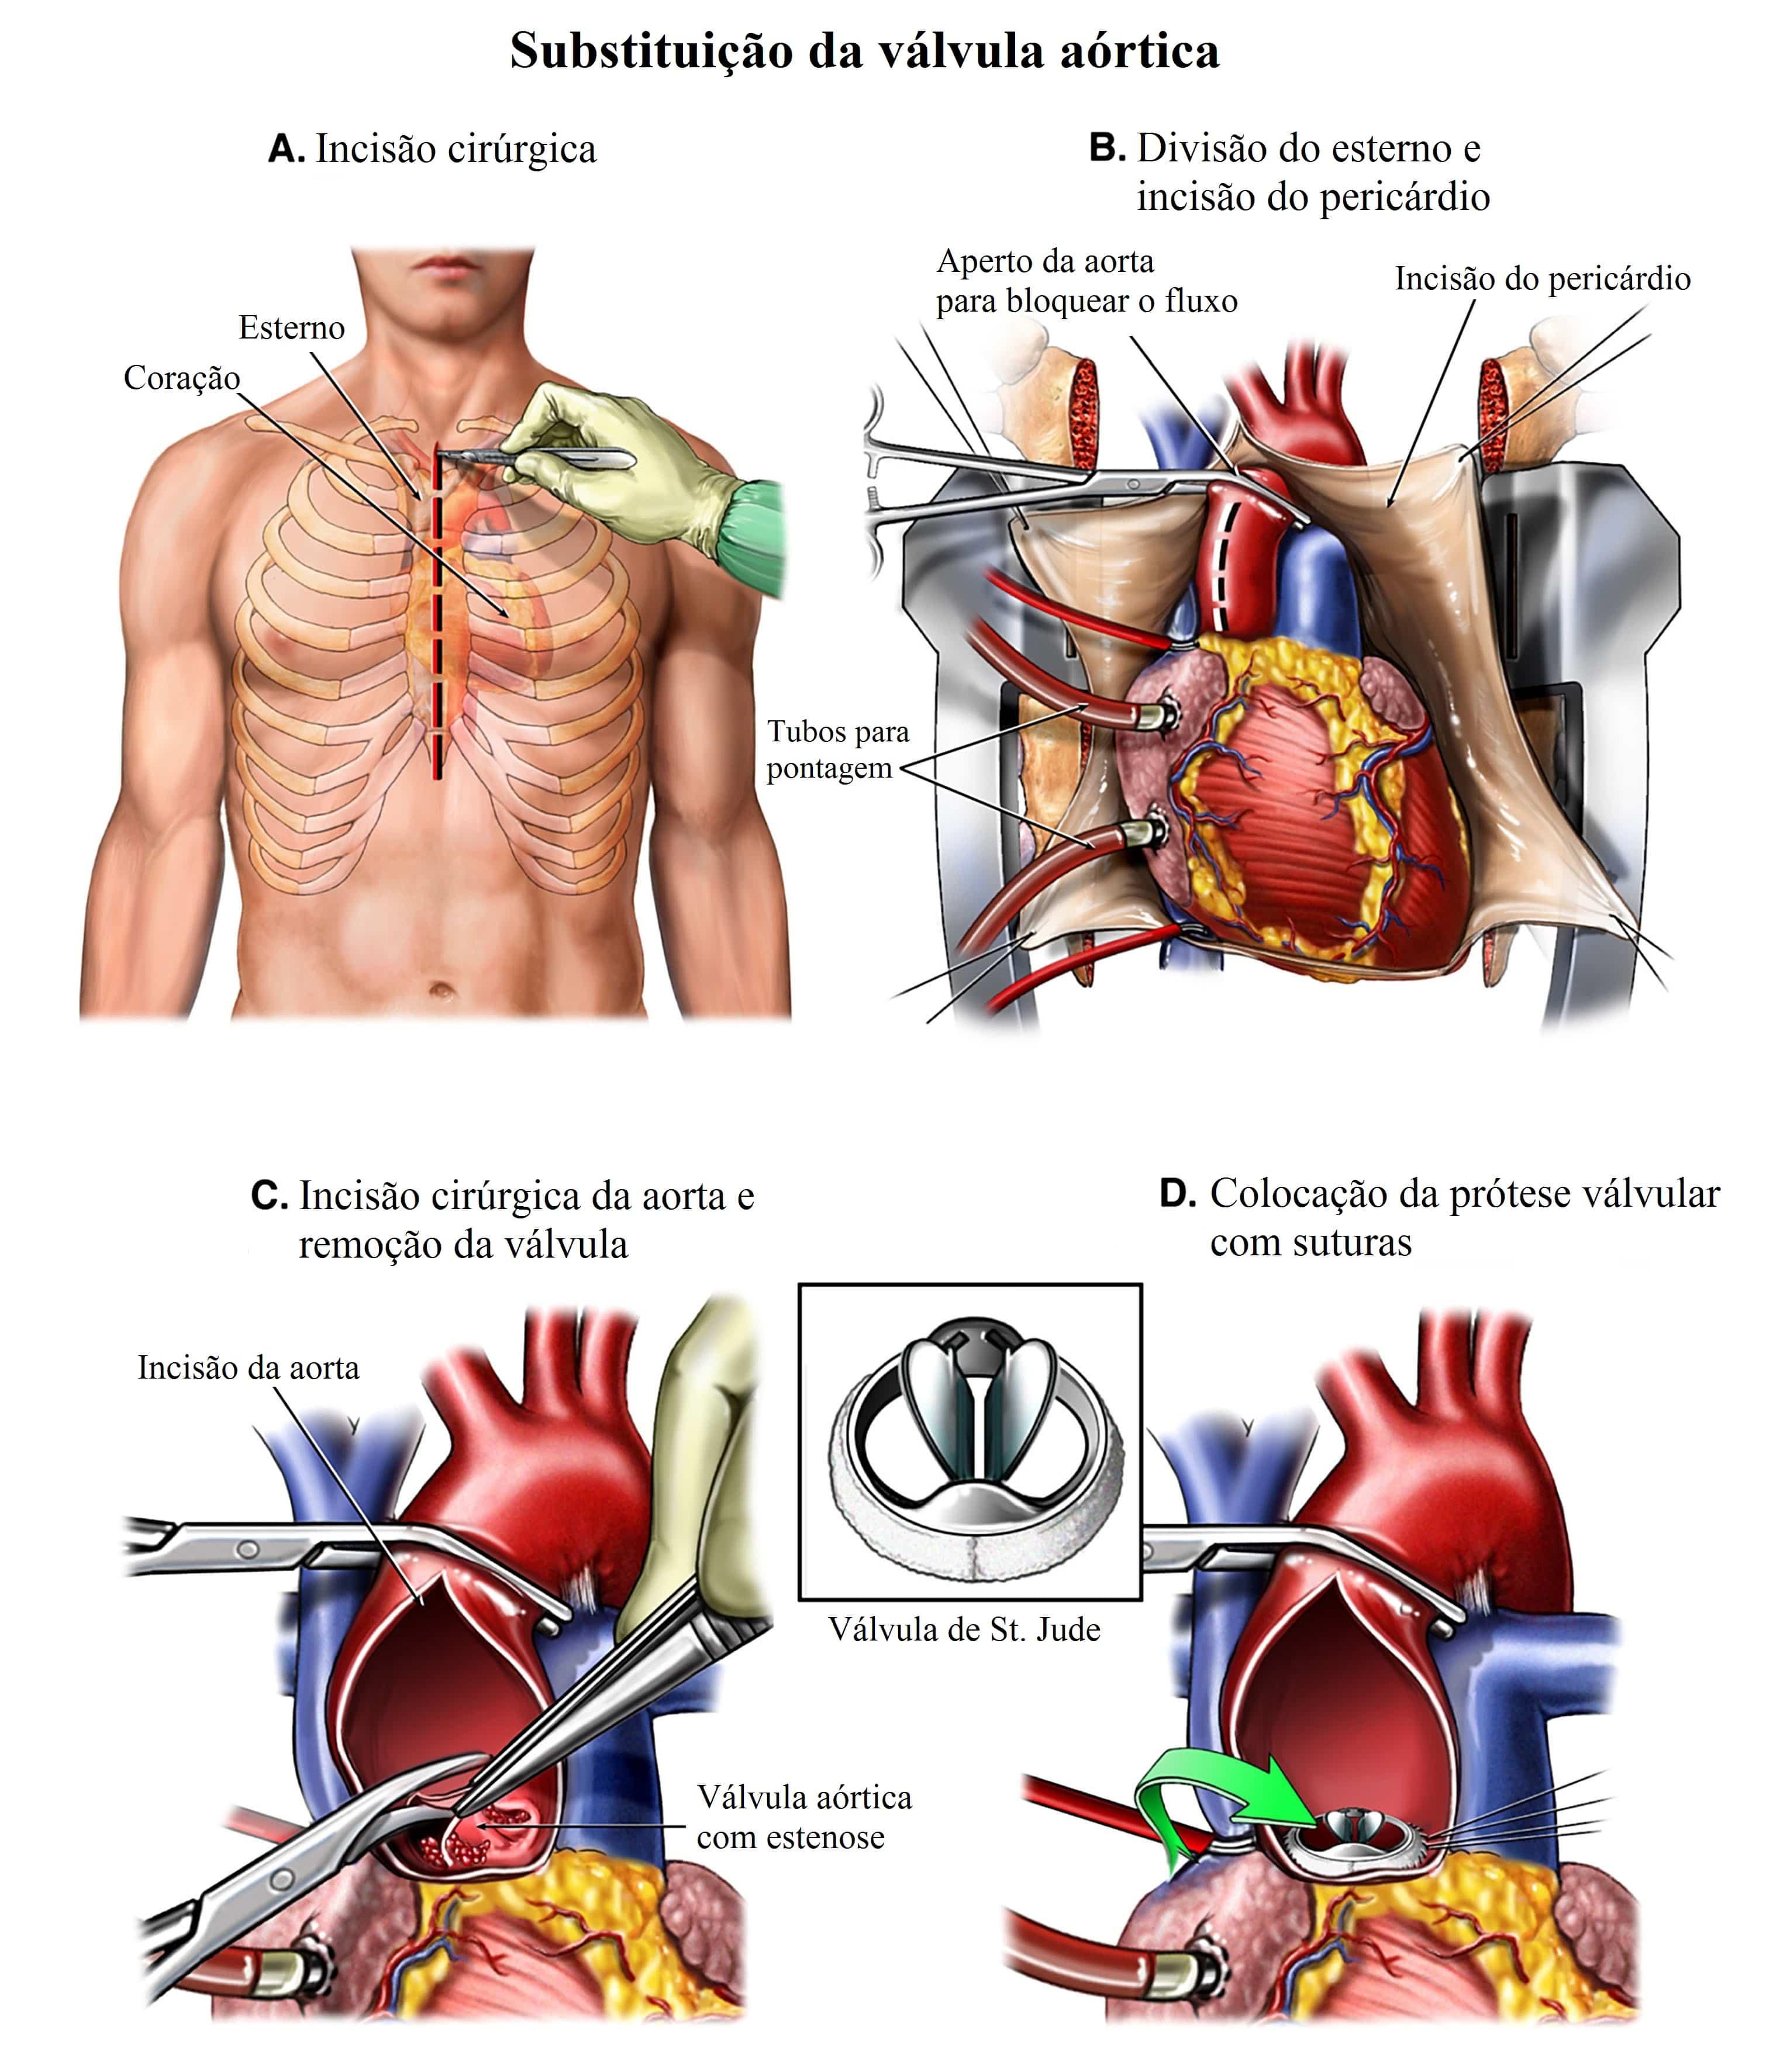 Estenose aortica, Substituição da valva aórtica, cirurgia